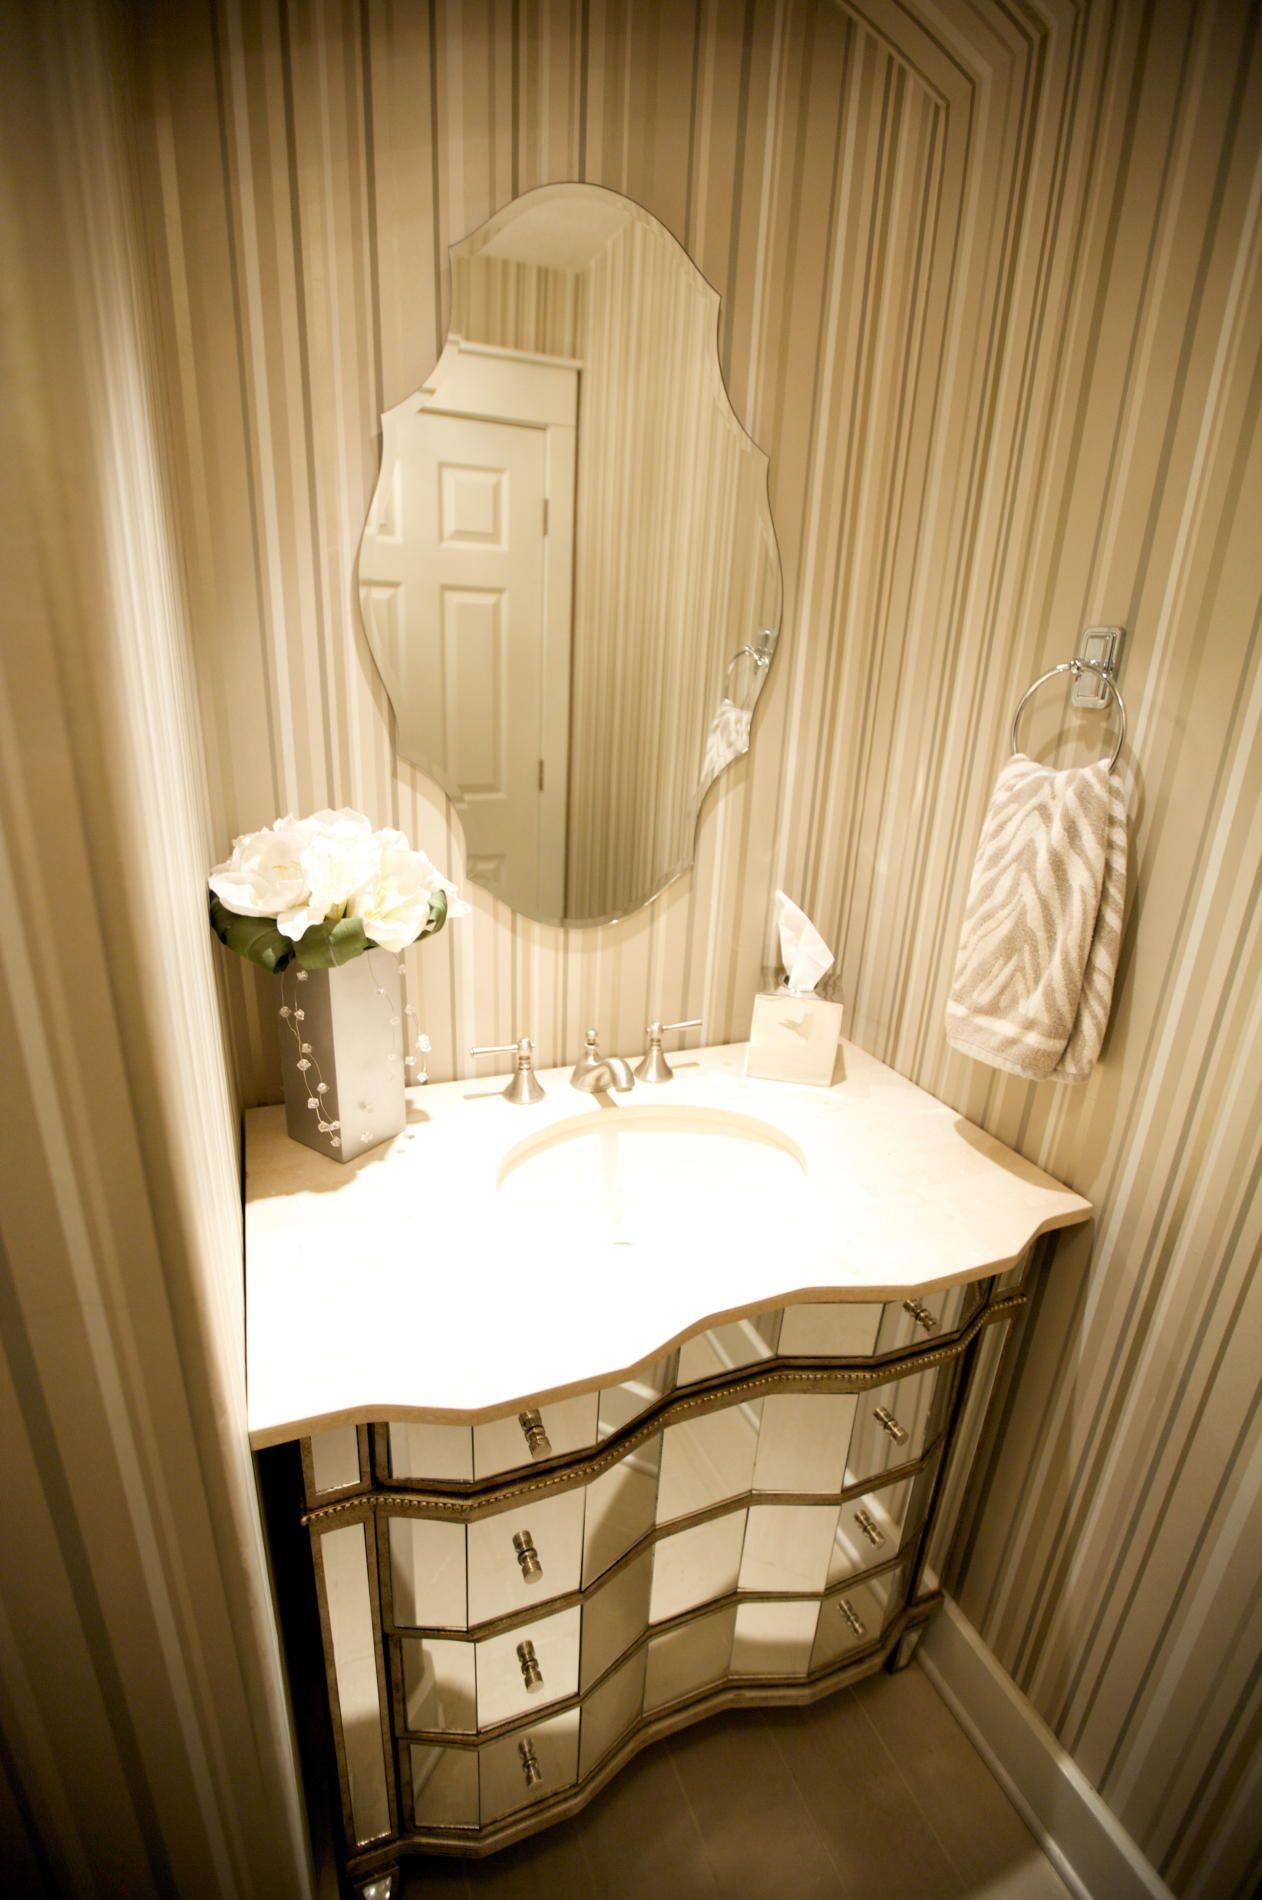 Bathroom Mirror Ideas (DIY) For A Small Bathroom   Powder room ...